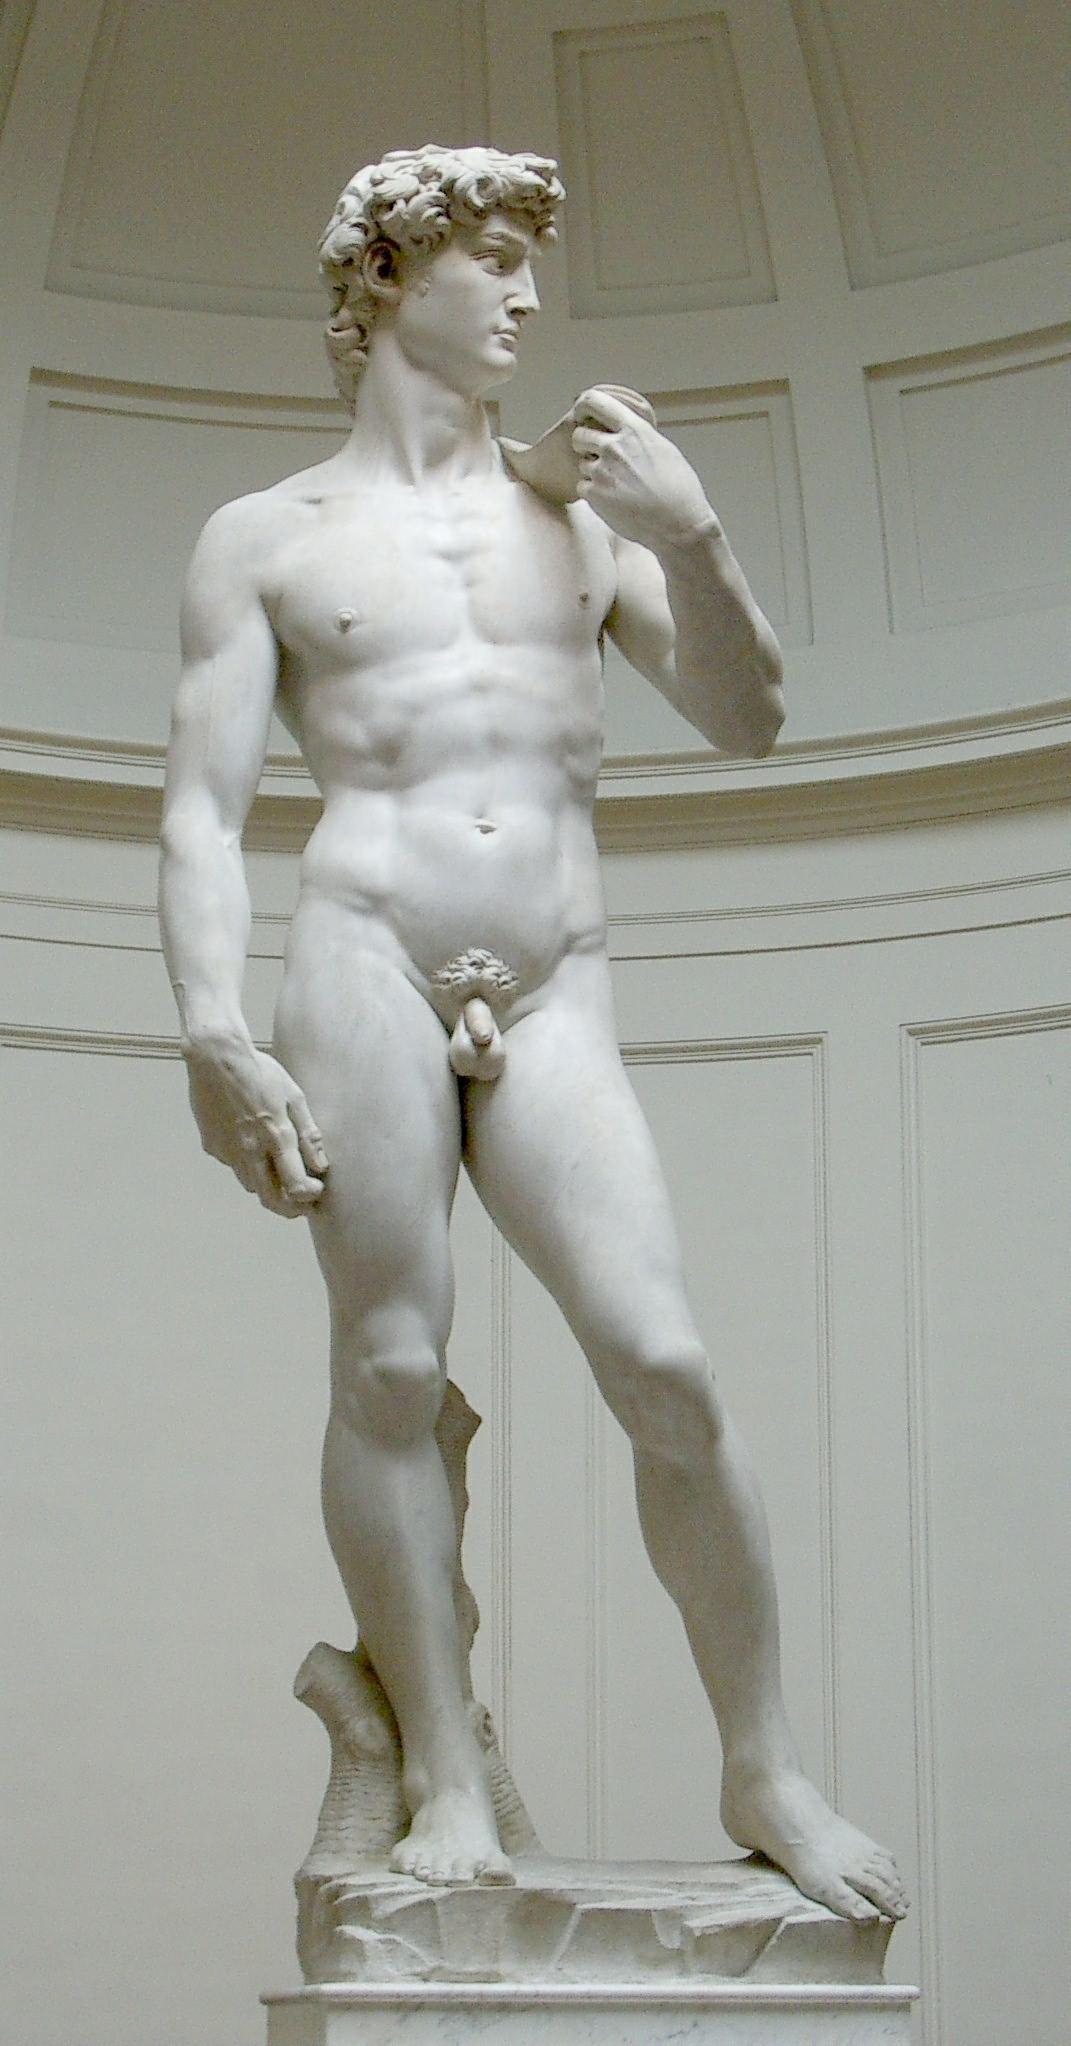 大卫像 意大利 米开朗基罗 雕塑 佛罗伦萨美术学院艺廊